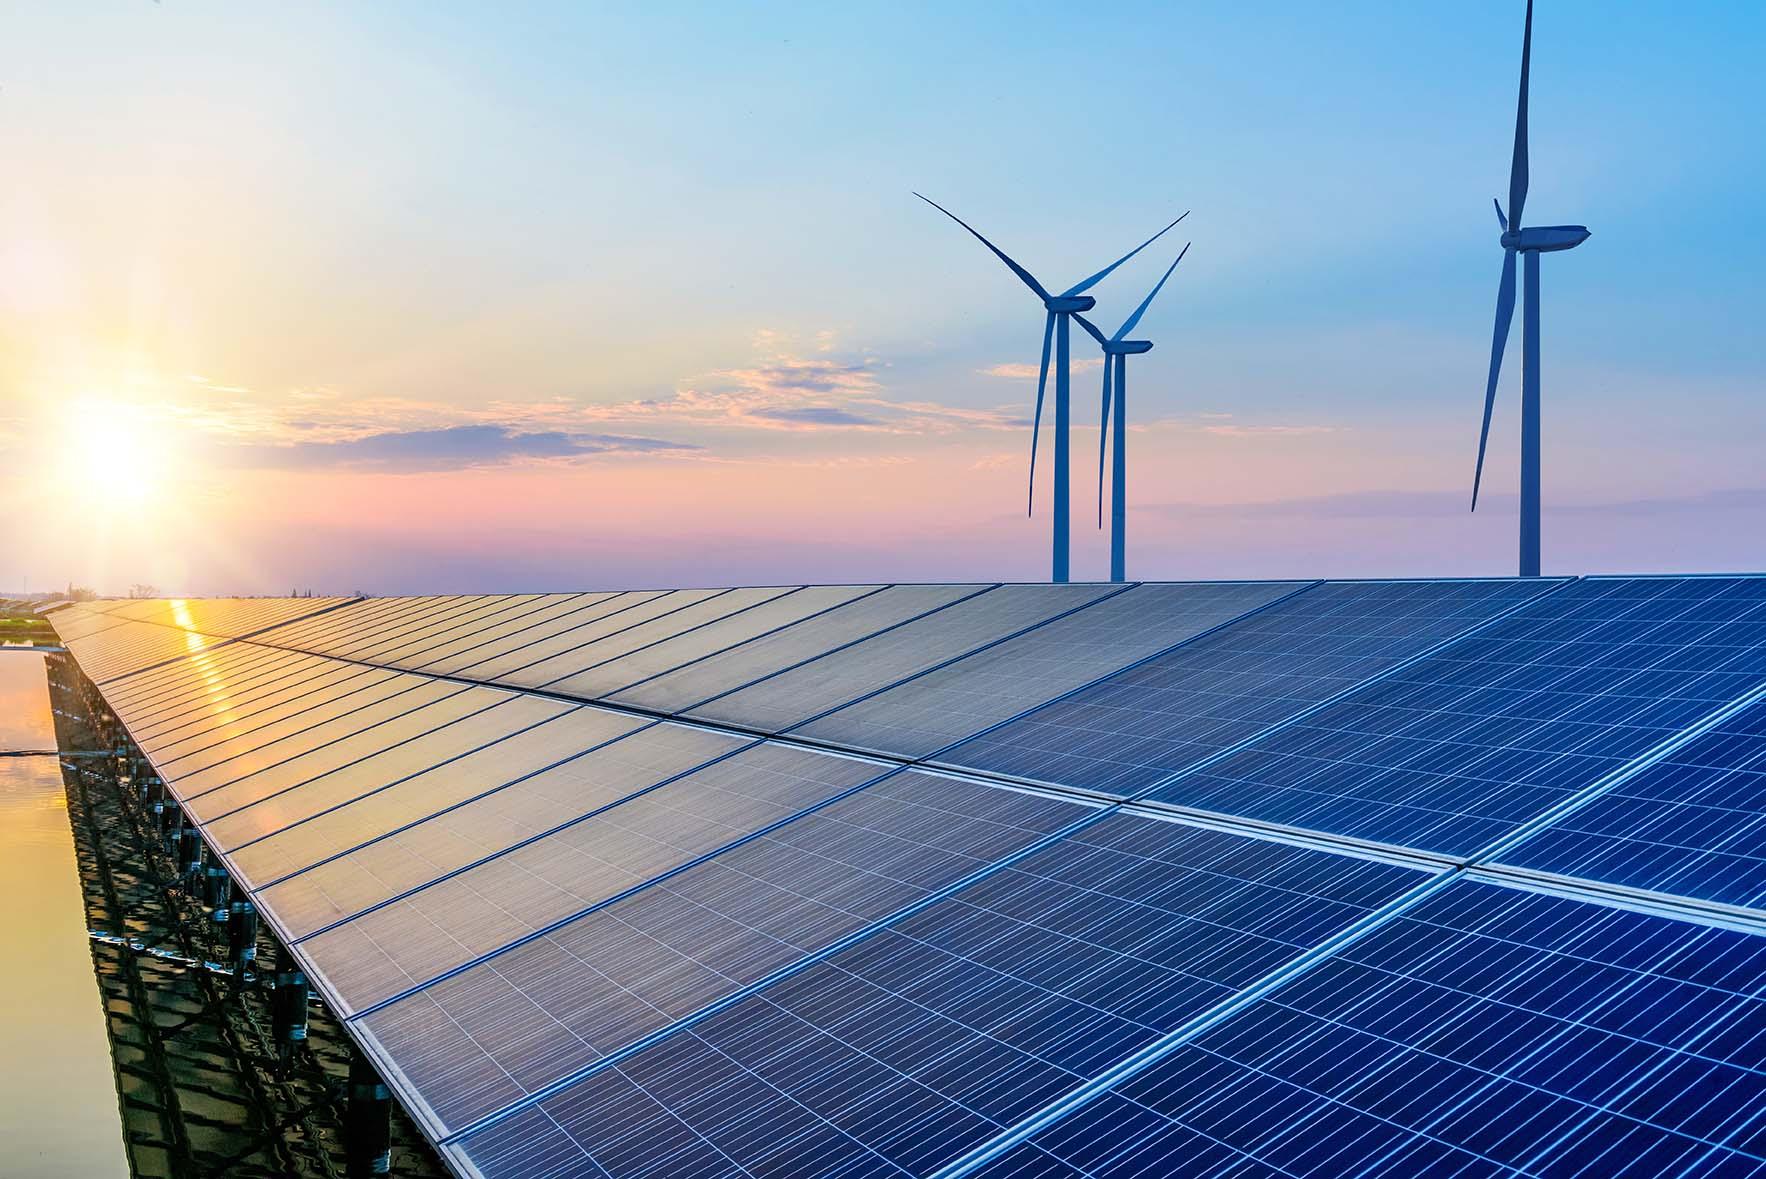 ombrière solaire grenoble - ombriere photovoltaïque grenoble